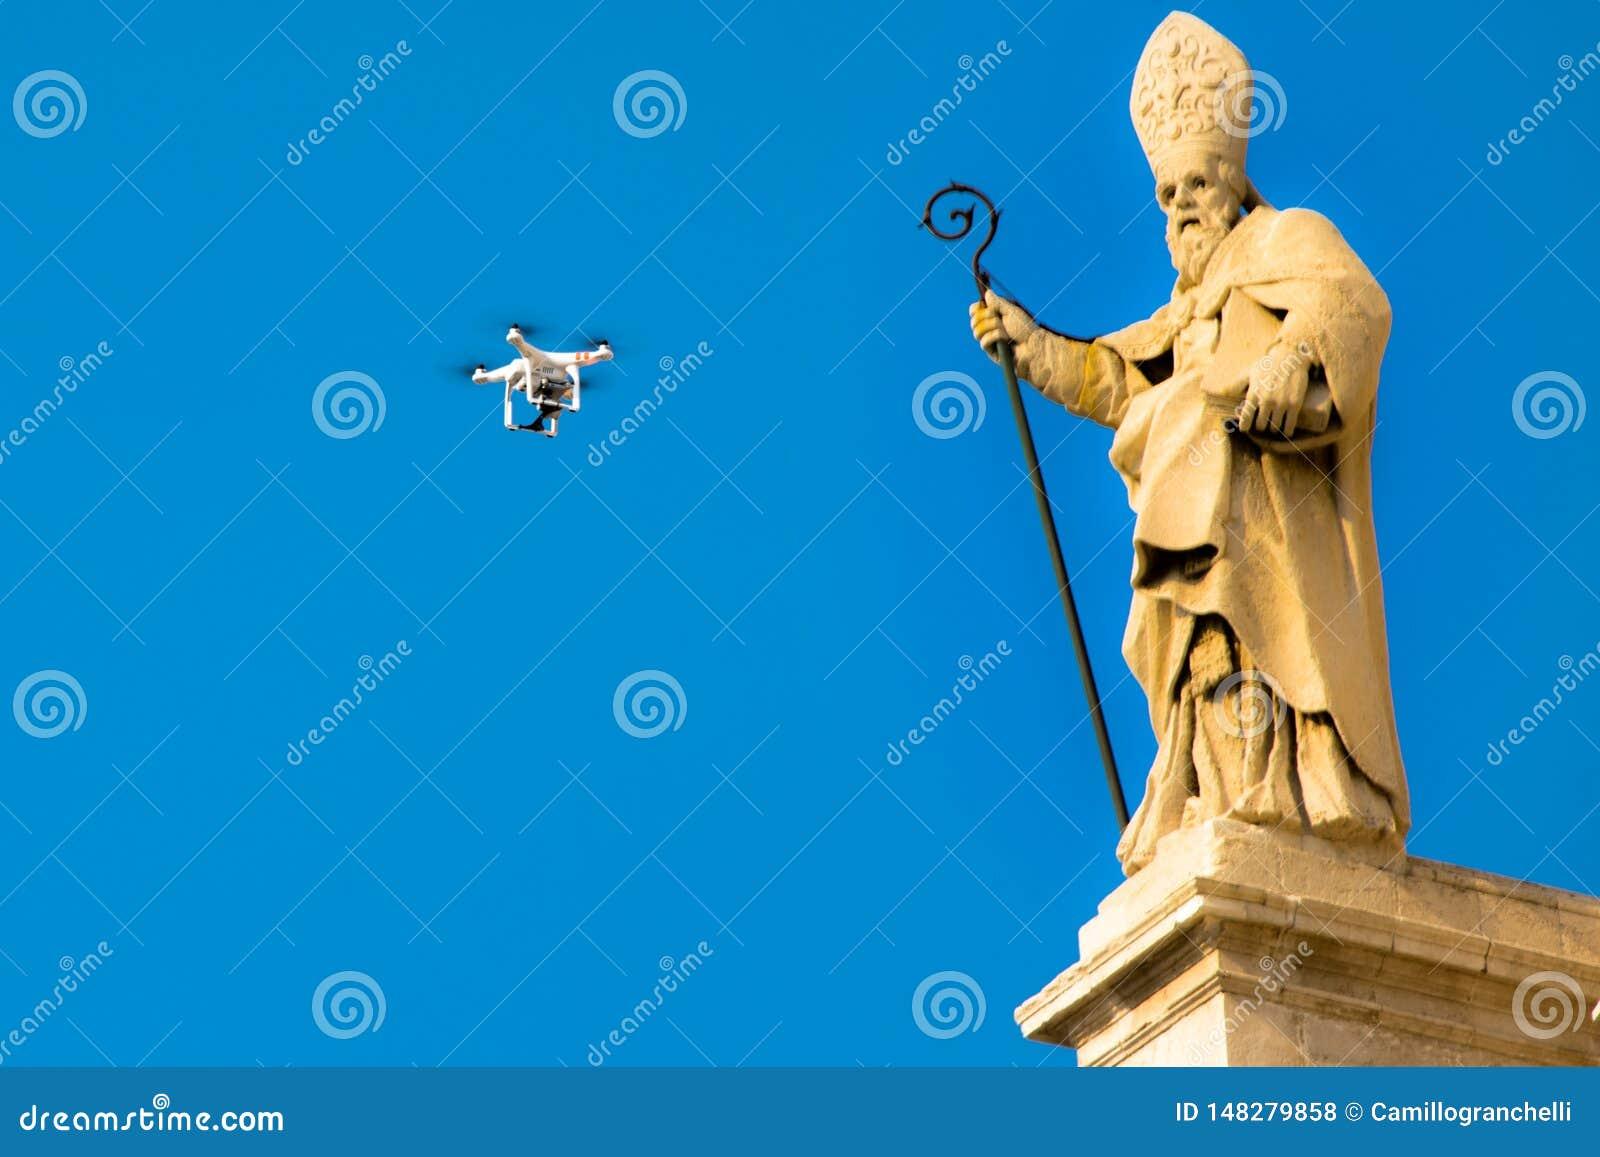 El abejón vuela delante de una estatua de una iglesia barroca en Sicilia Italia